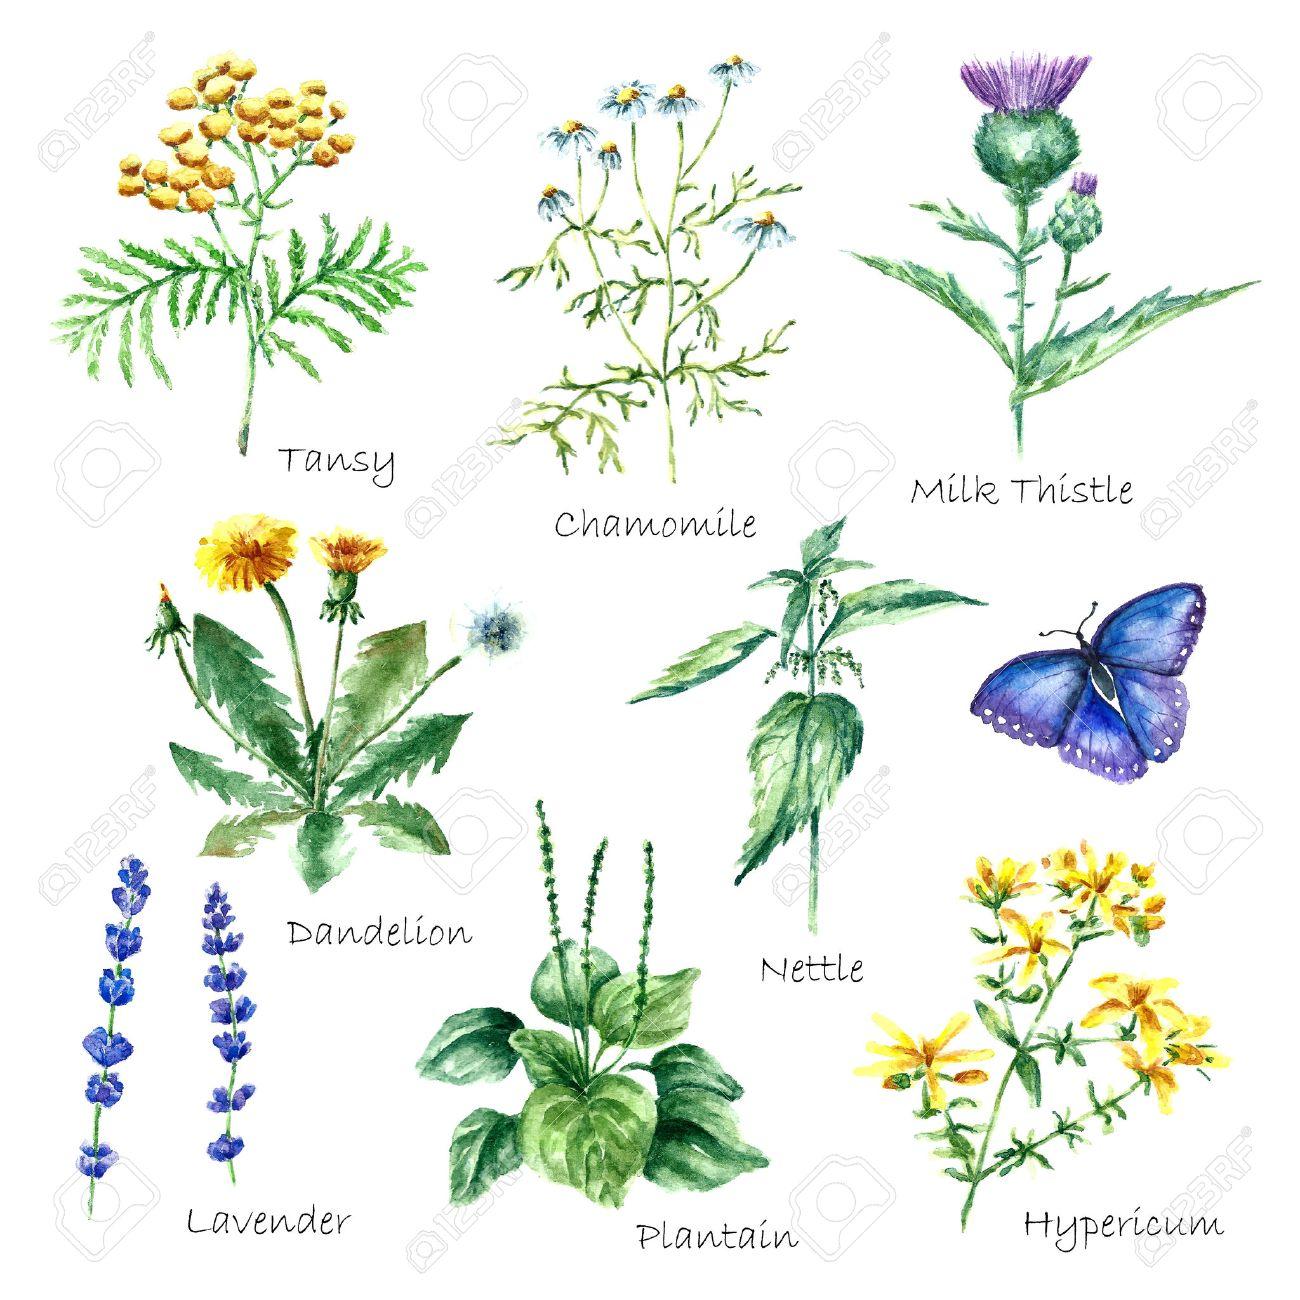 Dibujado A Mano De Acuarela Ilustración Botánica. Plantas ...